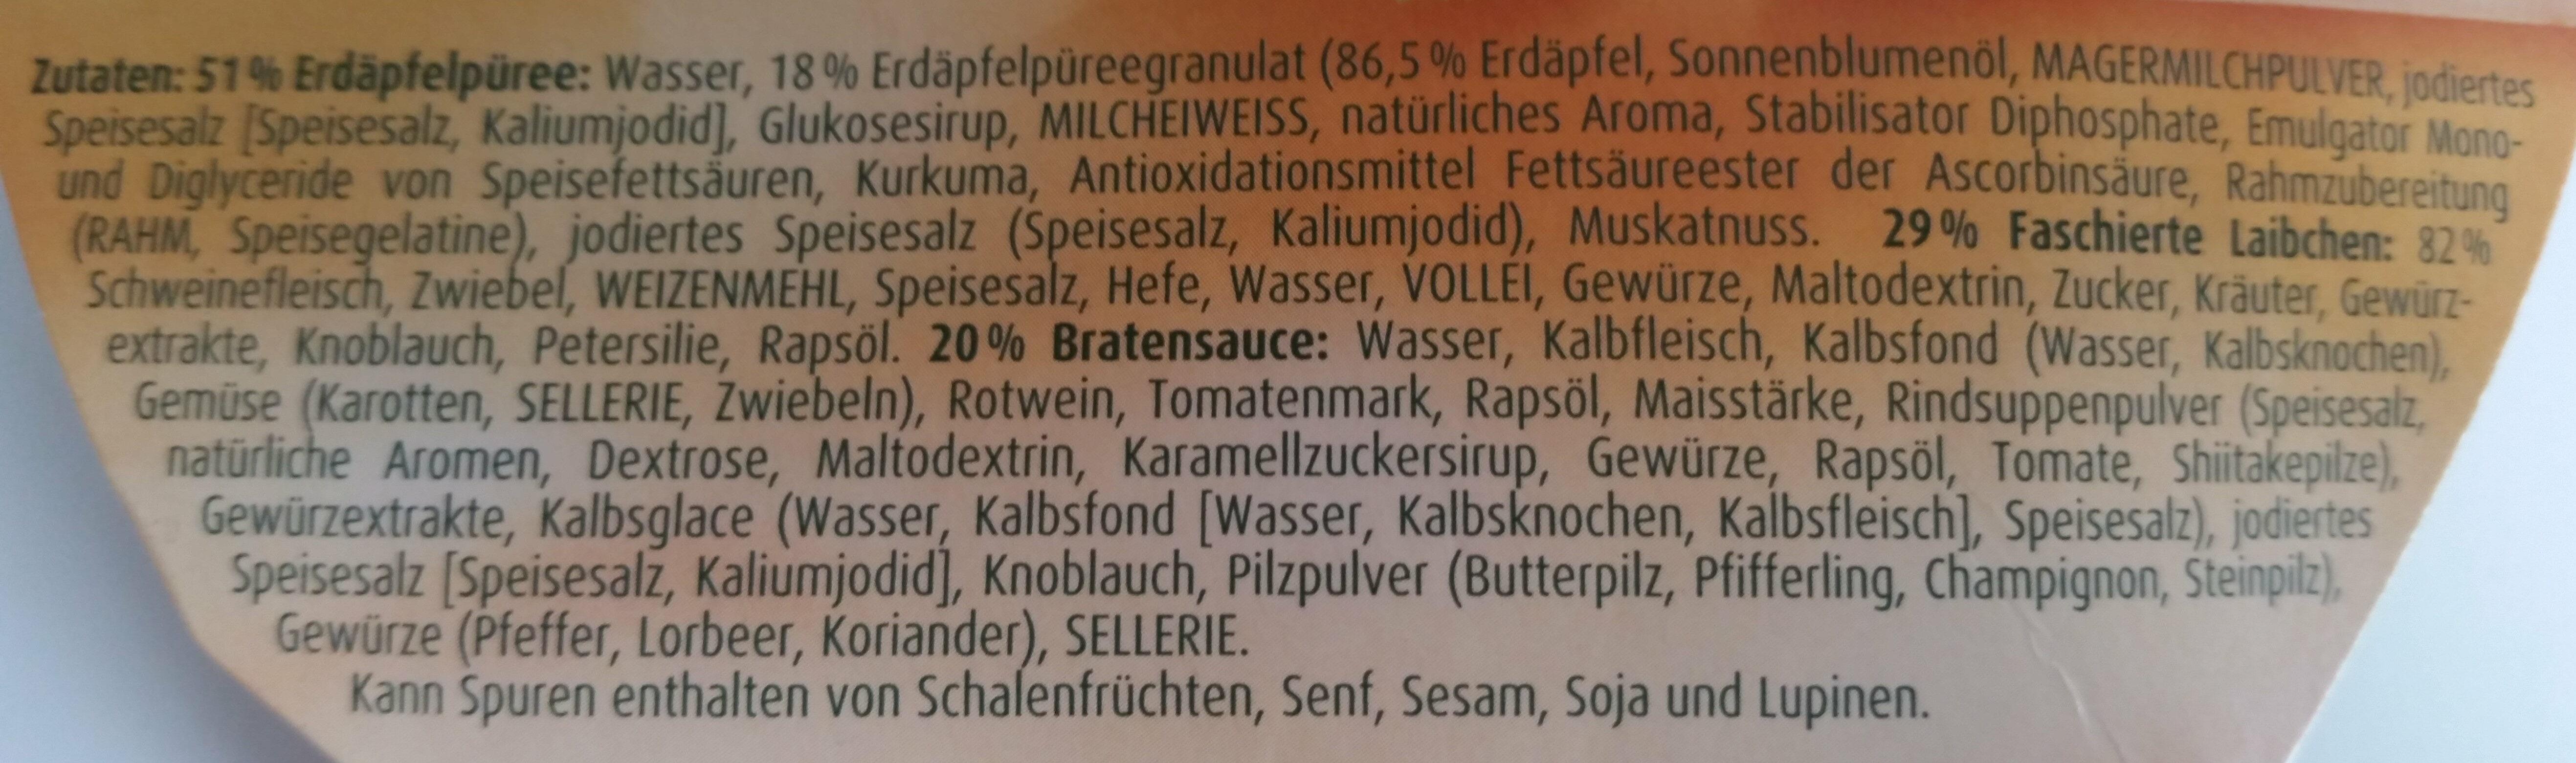 Faschierte Laibchen - Ingrédients